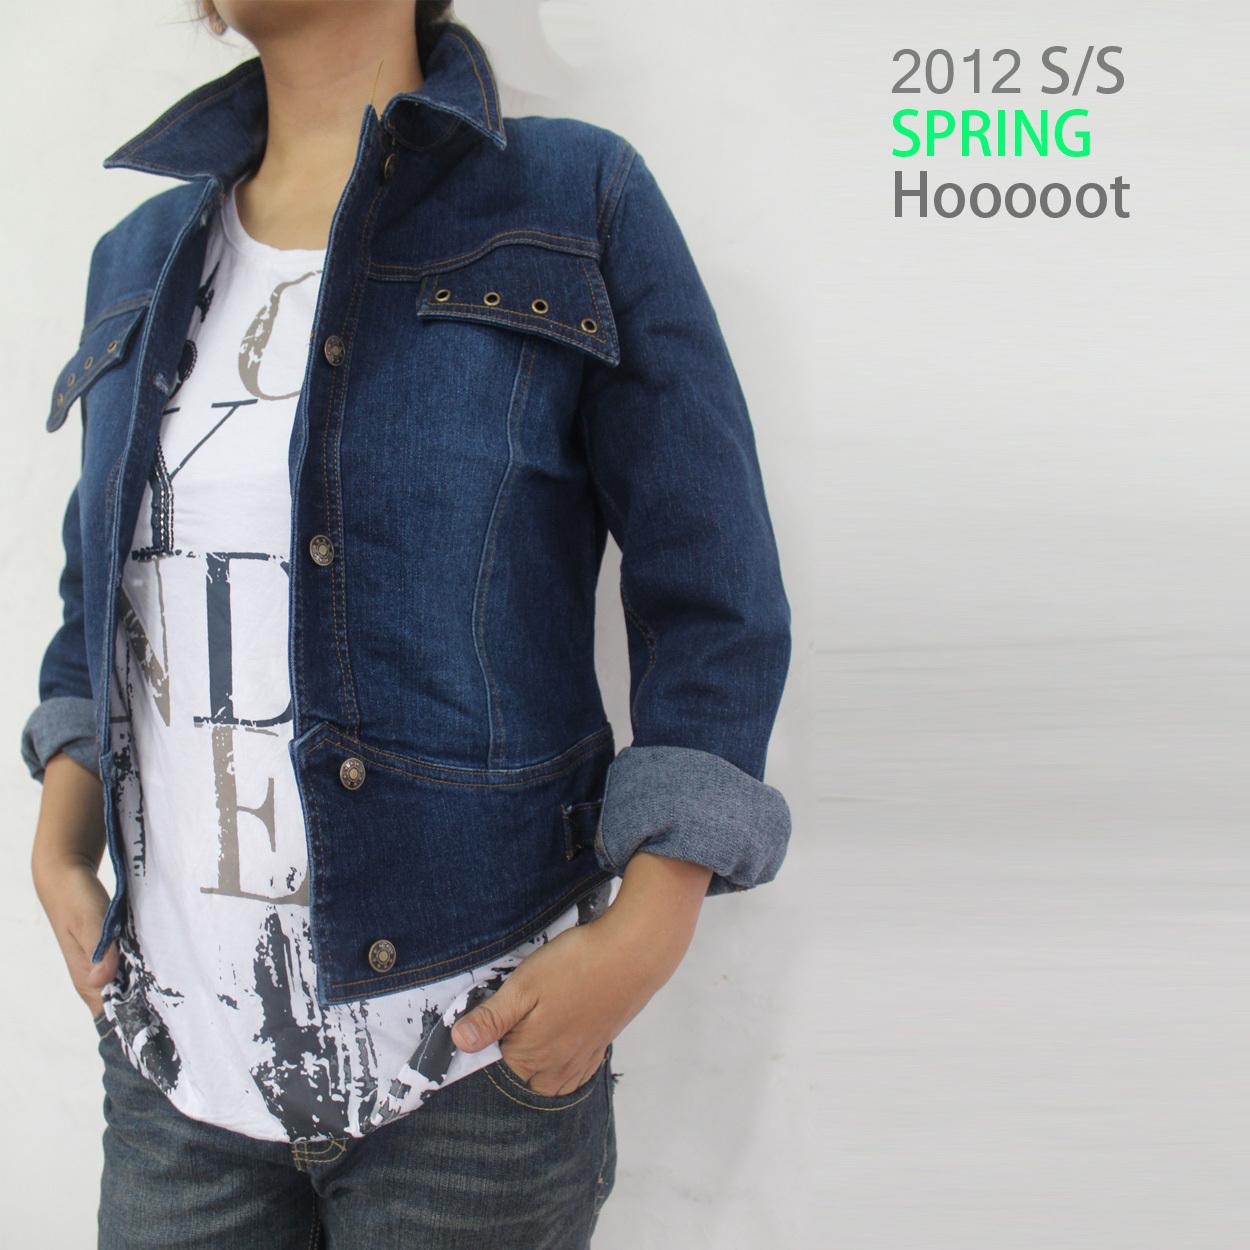 Женская одежда Большой код новых внешней торговли оригинальный сингл жира мм диких короткие джинсовые куртки топы не вернулся